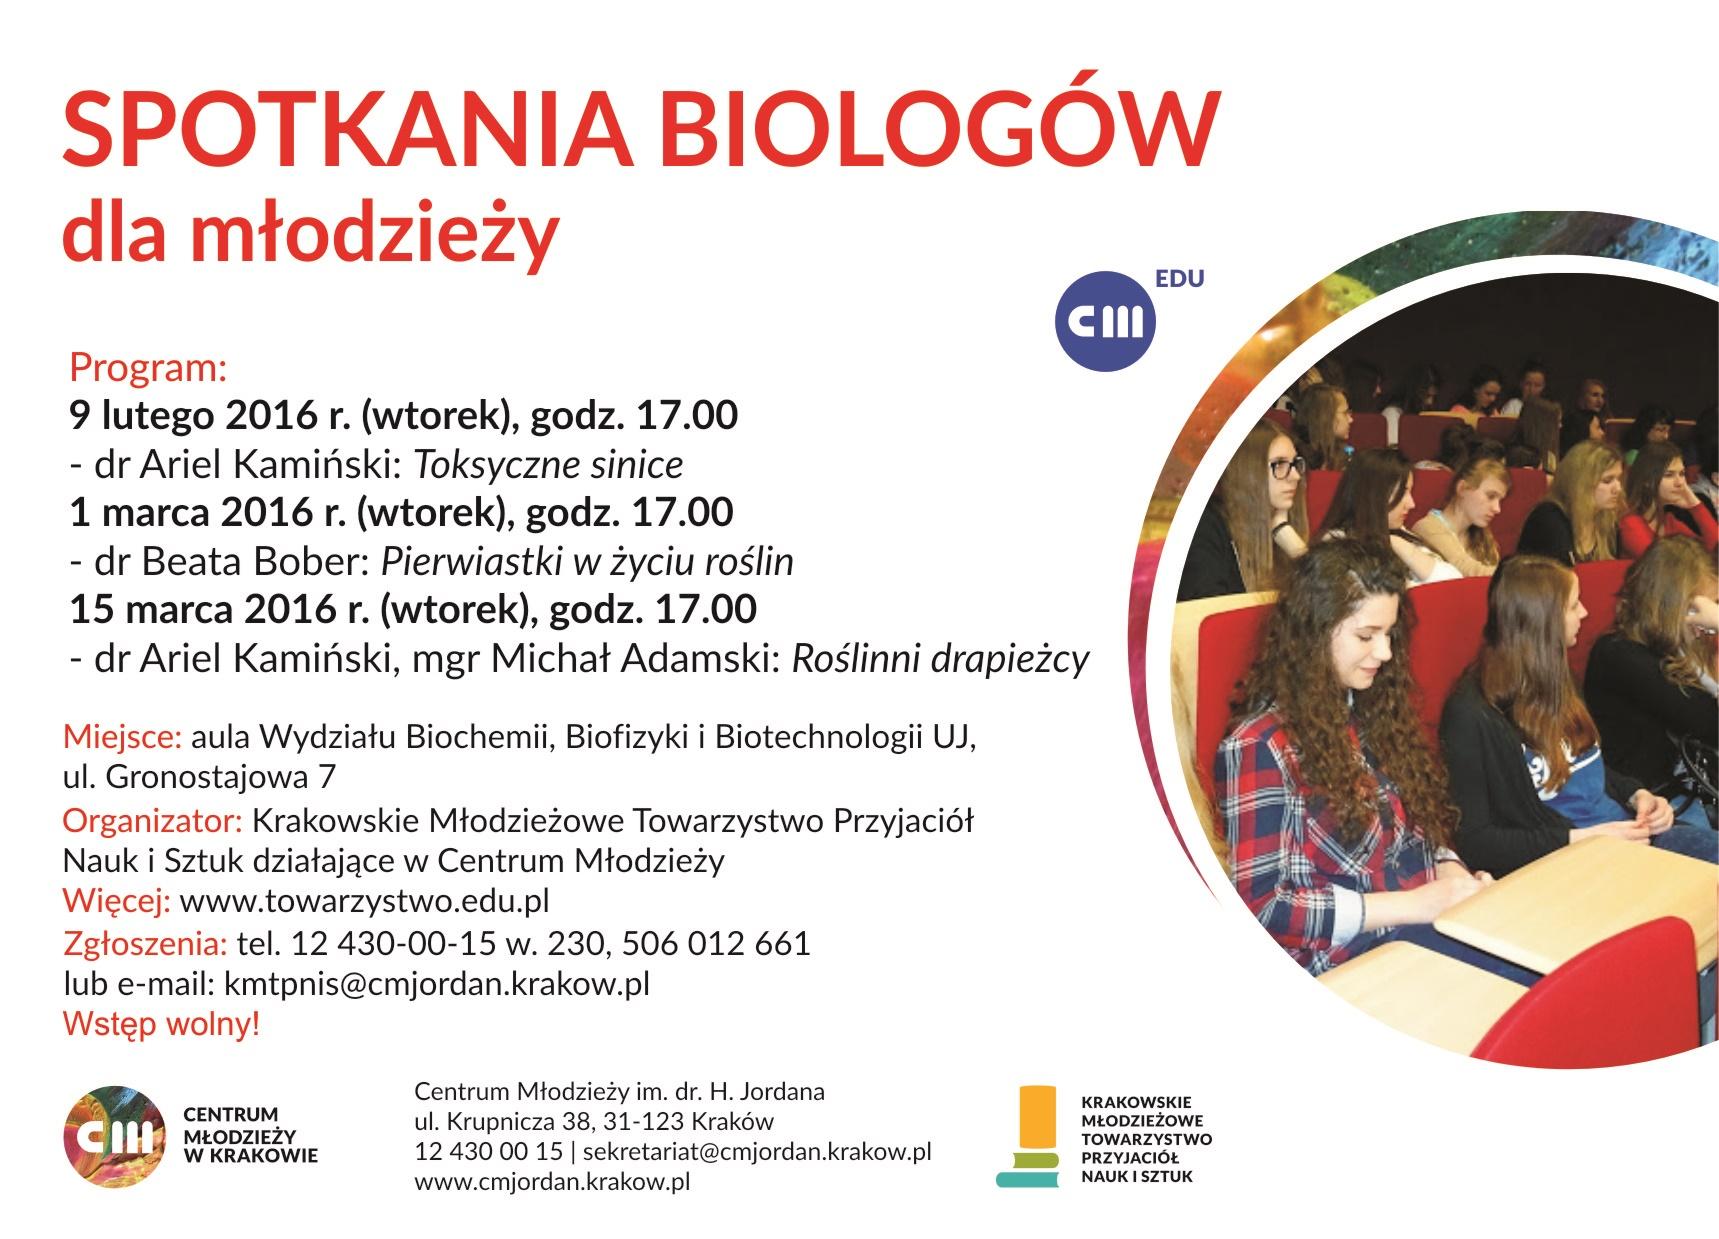 Spotkania biologów_16